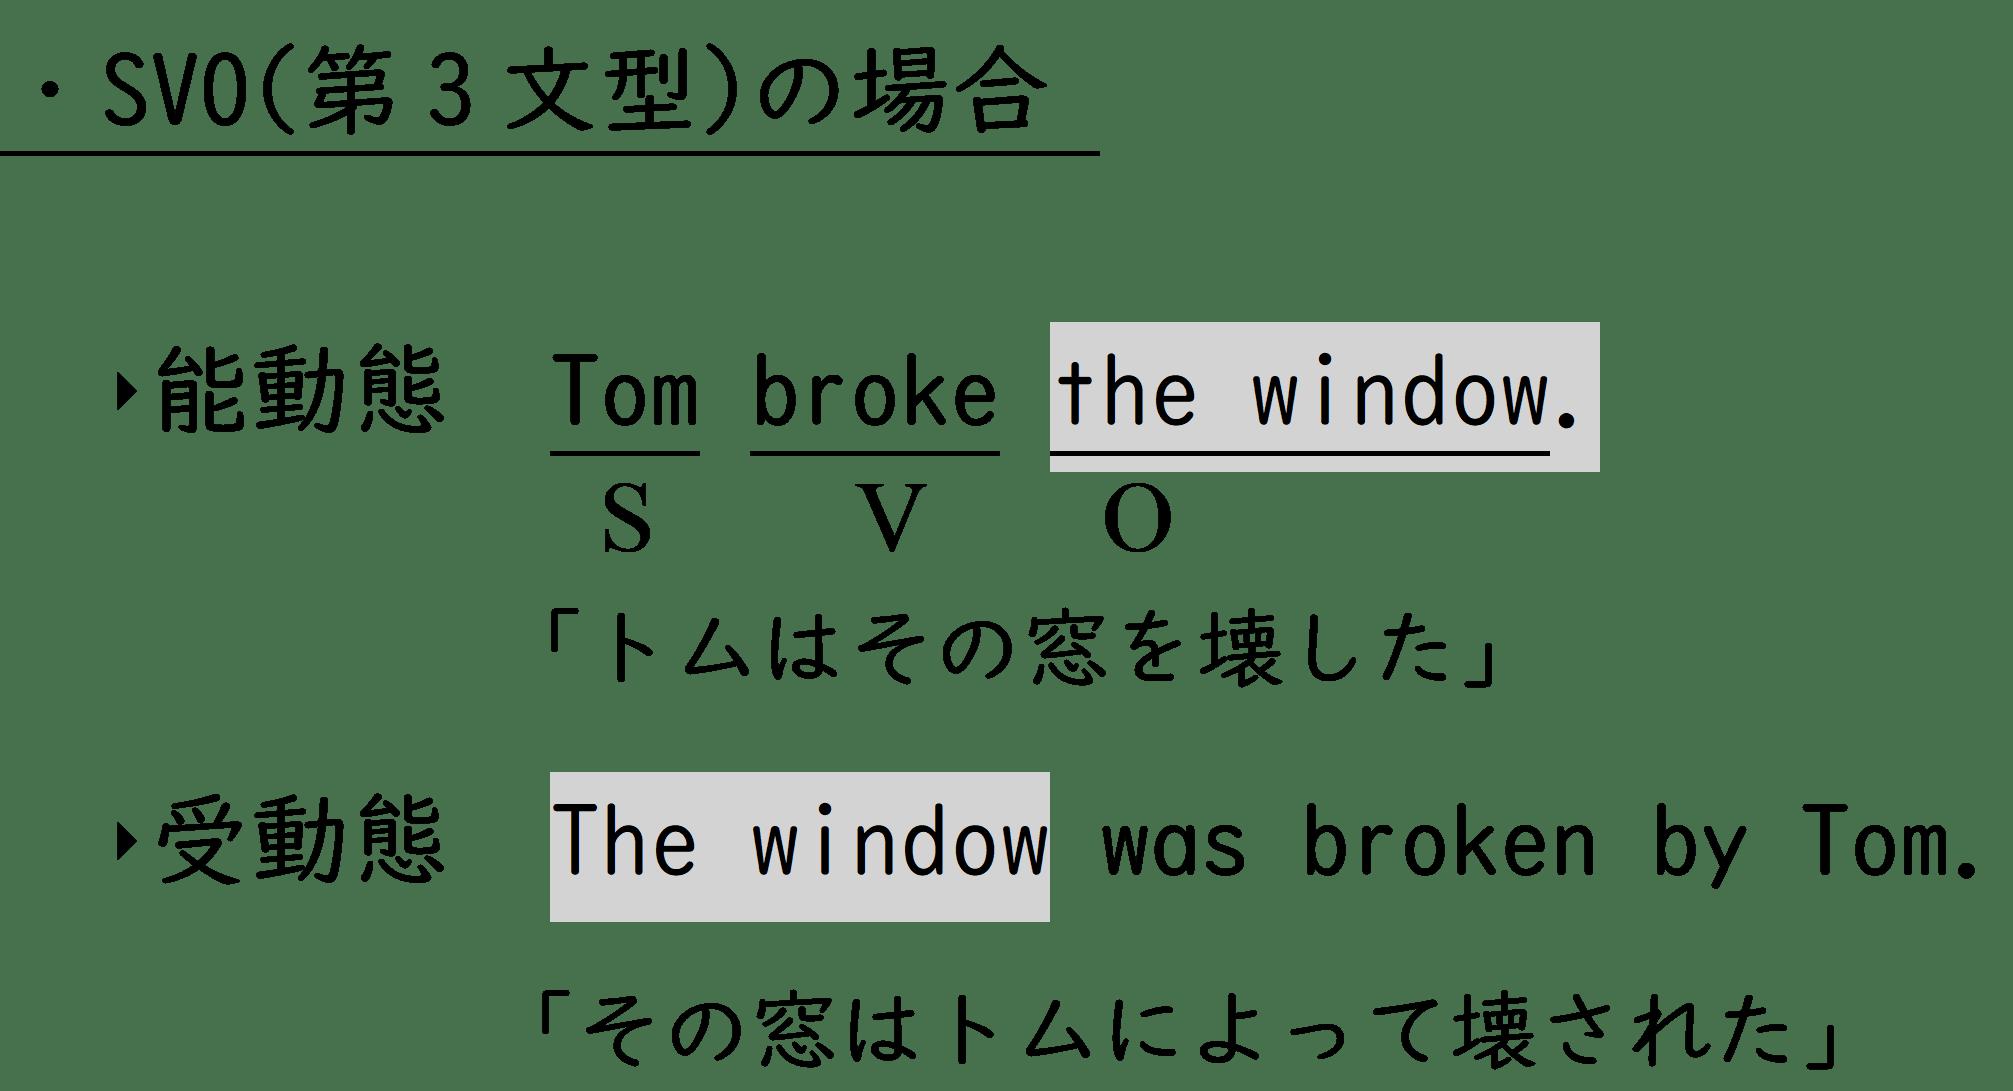 第3文型の受動態の例文